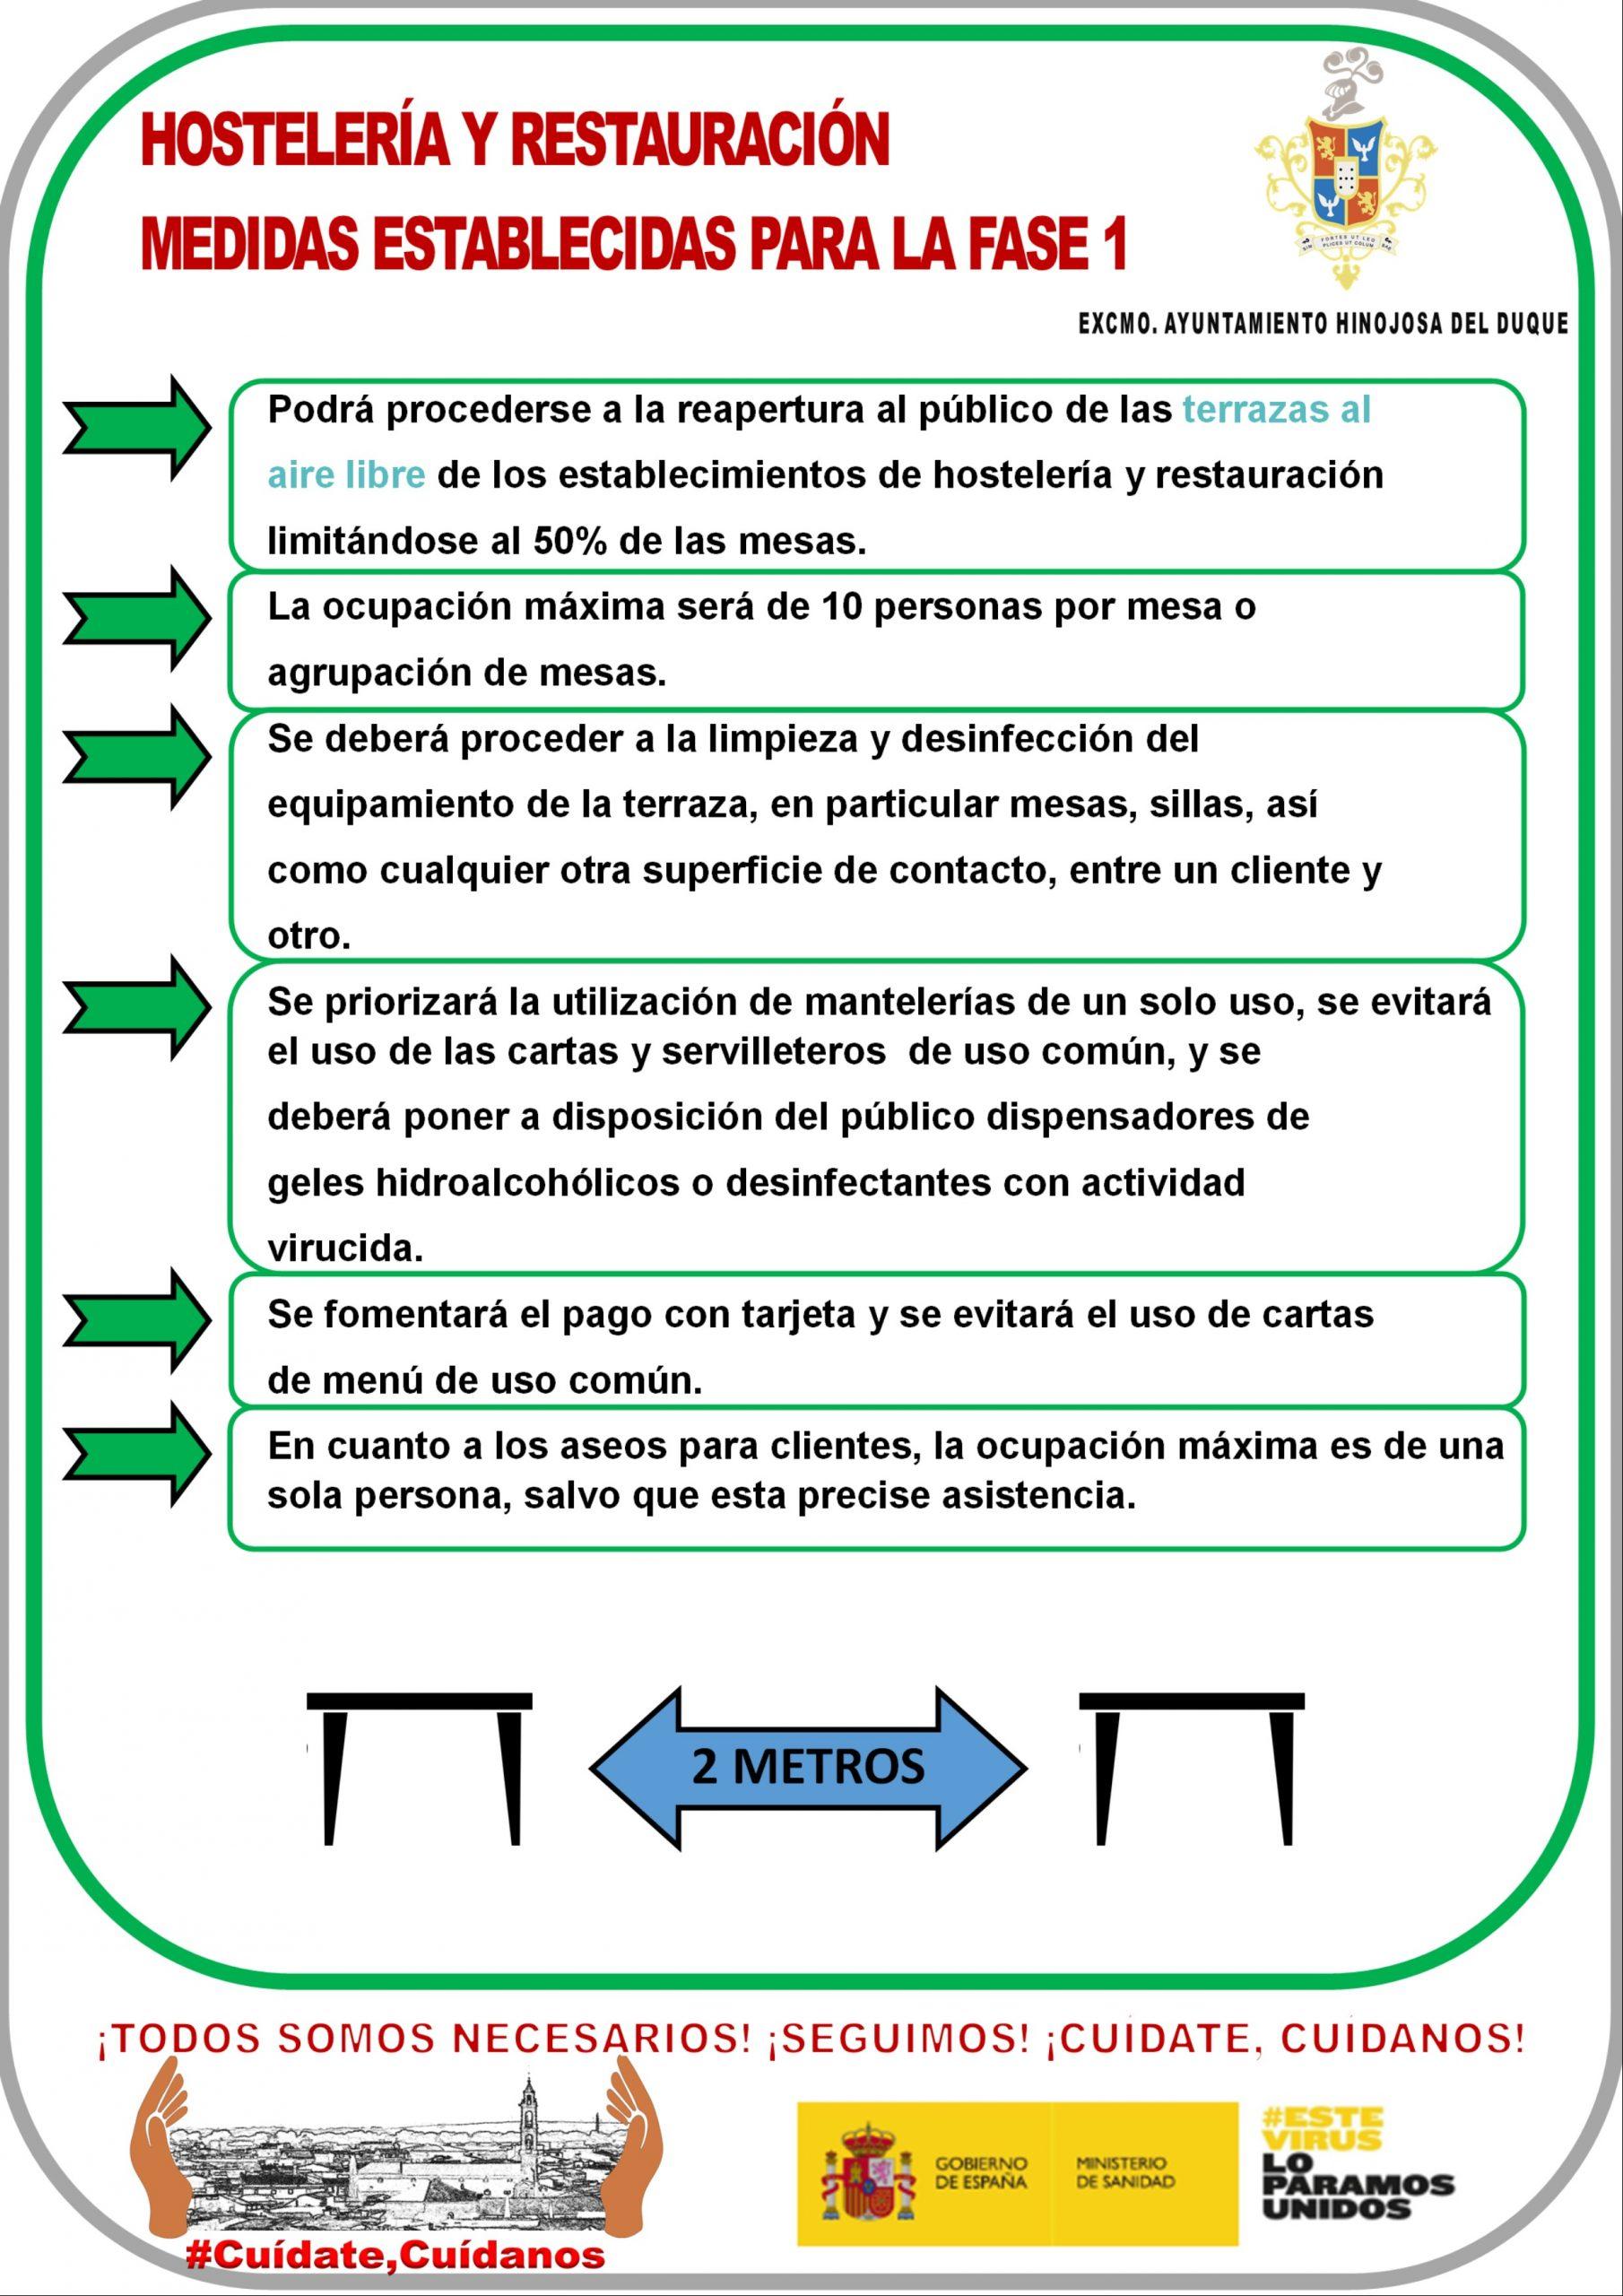 MEDIDAS HOSTELERÍA FASE 2